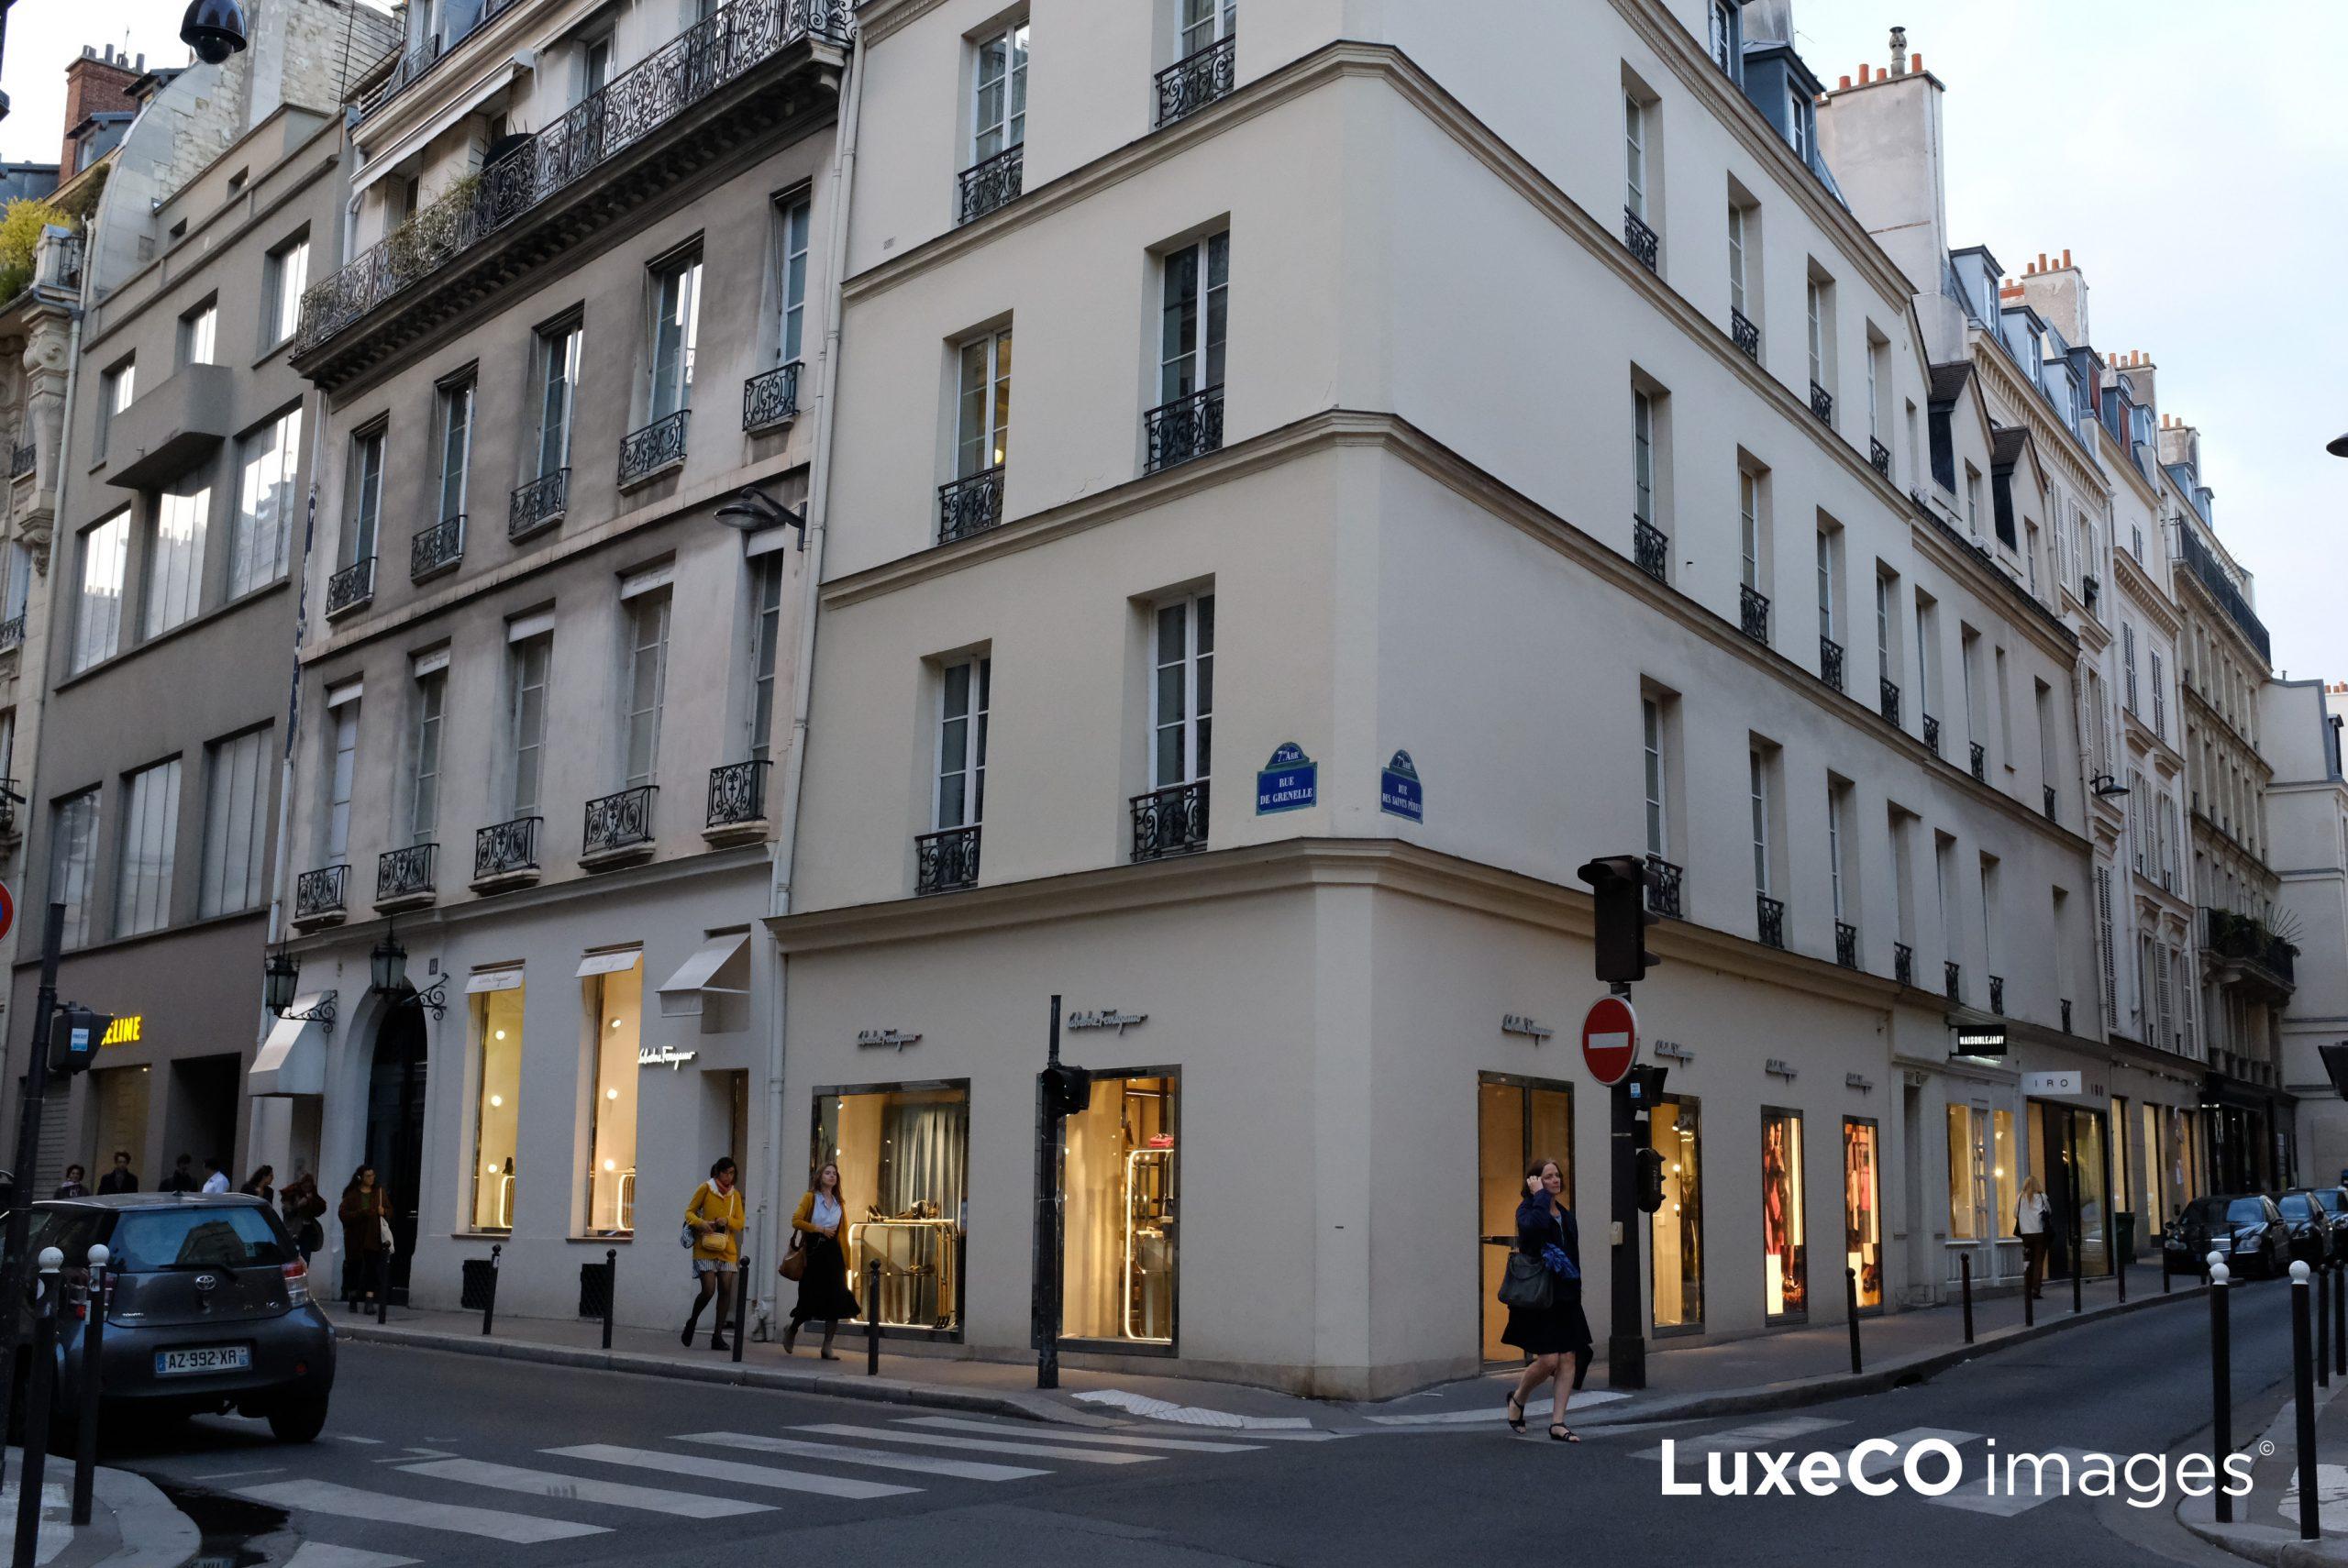 洞察当代奢侈品消费者心态,法国咨询机构总结了这10个关键词